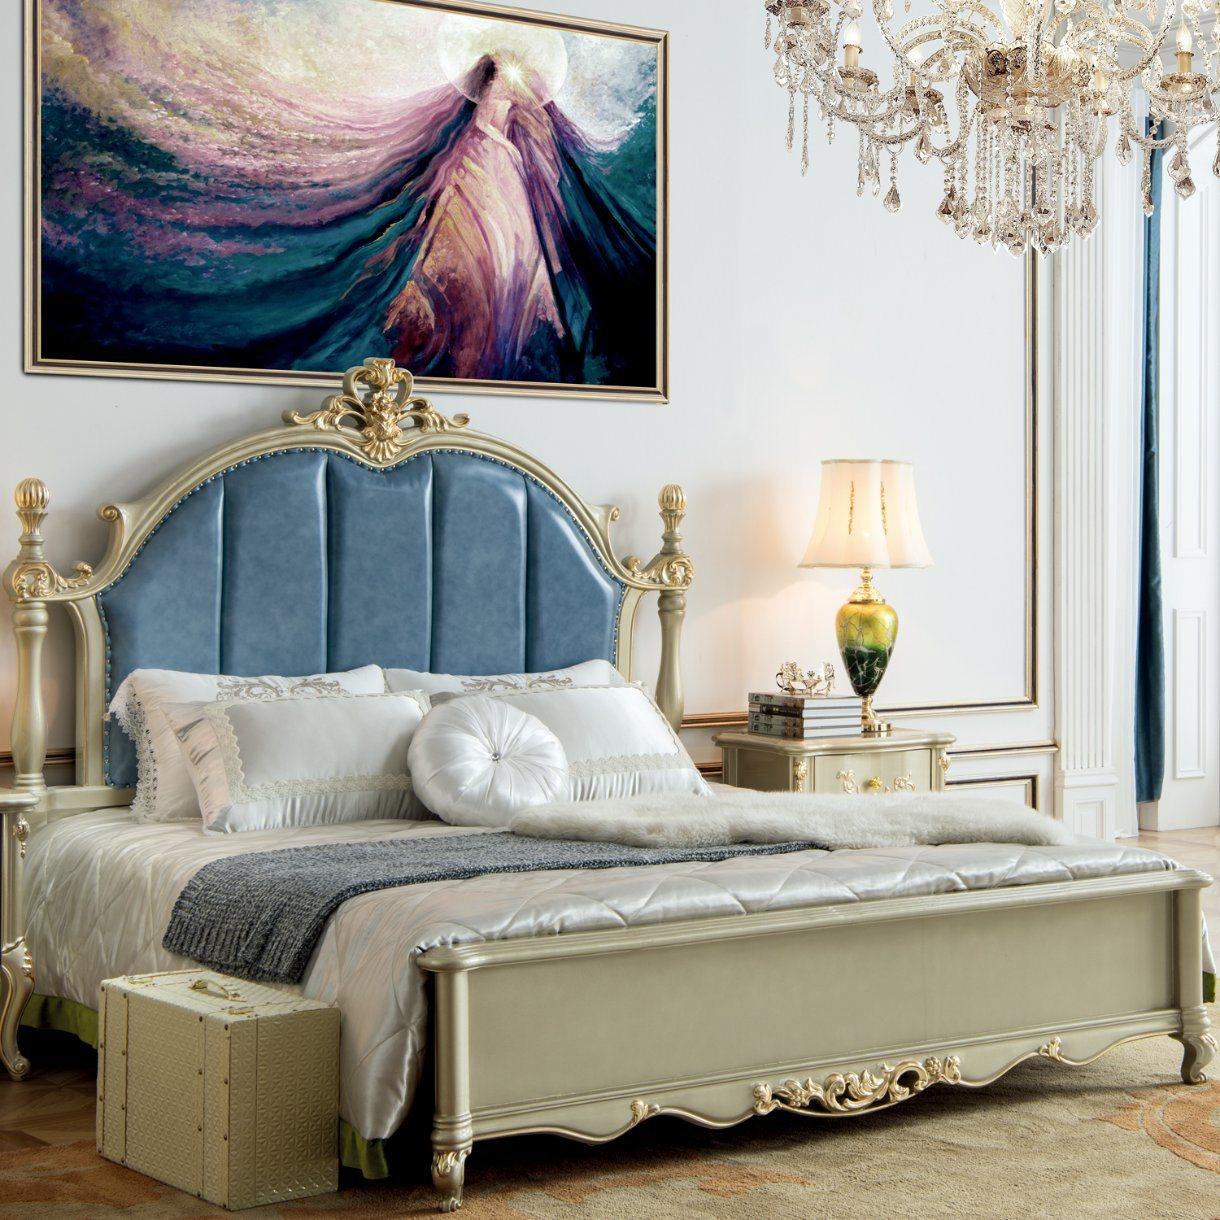 Antike Schlafzimmer-Möbel mit hölzernem Bett und Garderobe (329 ...